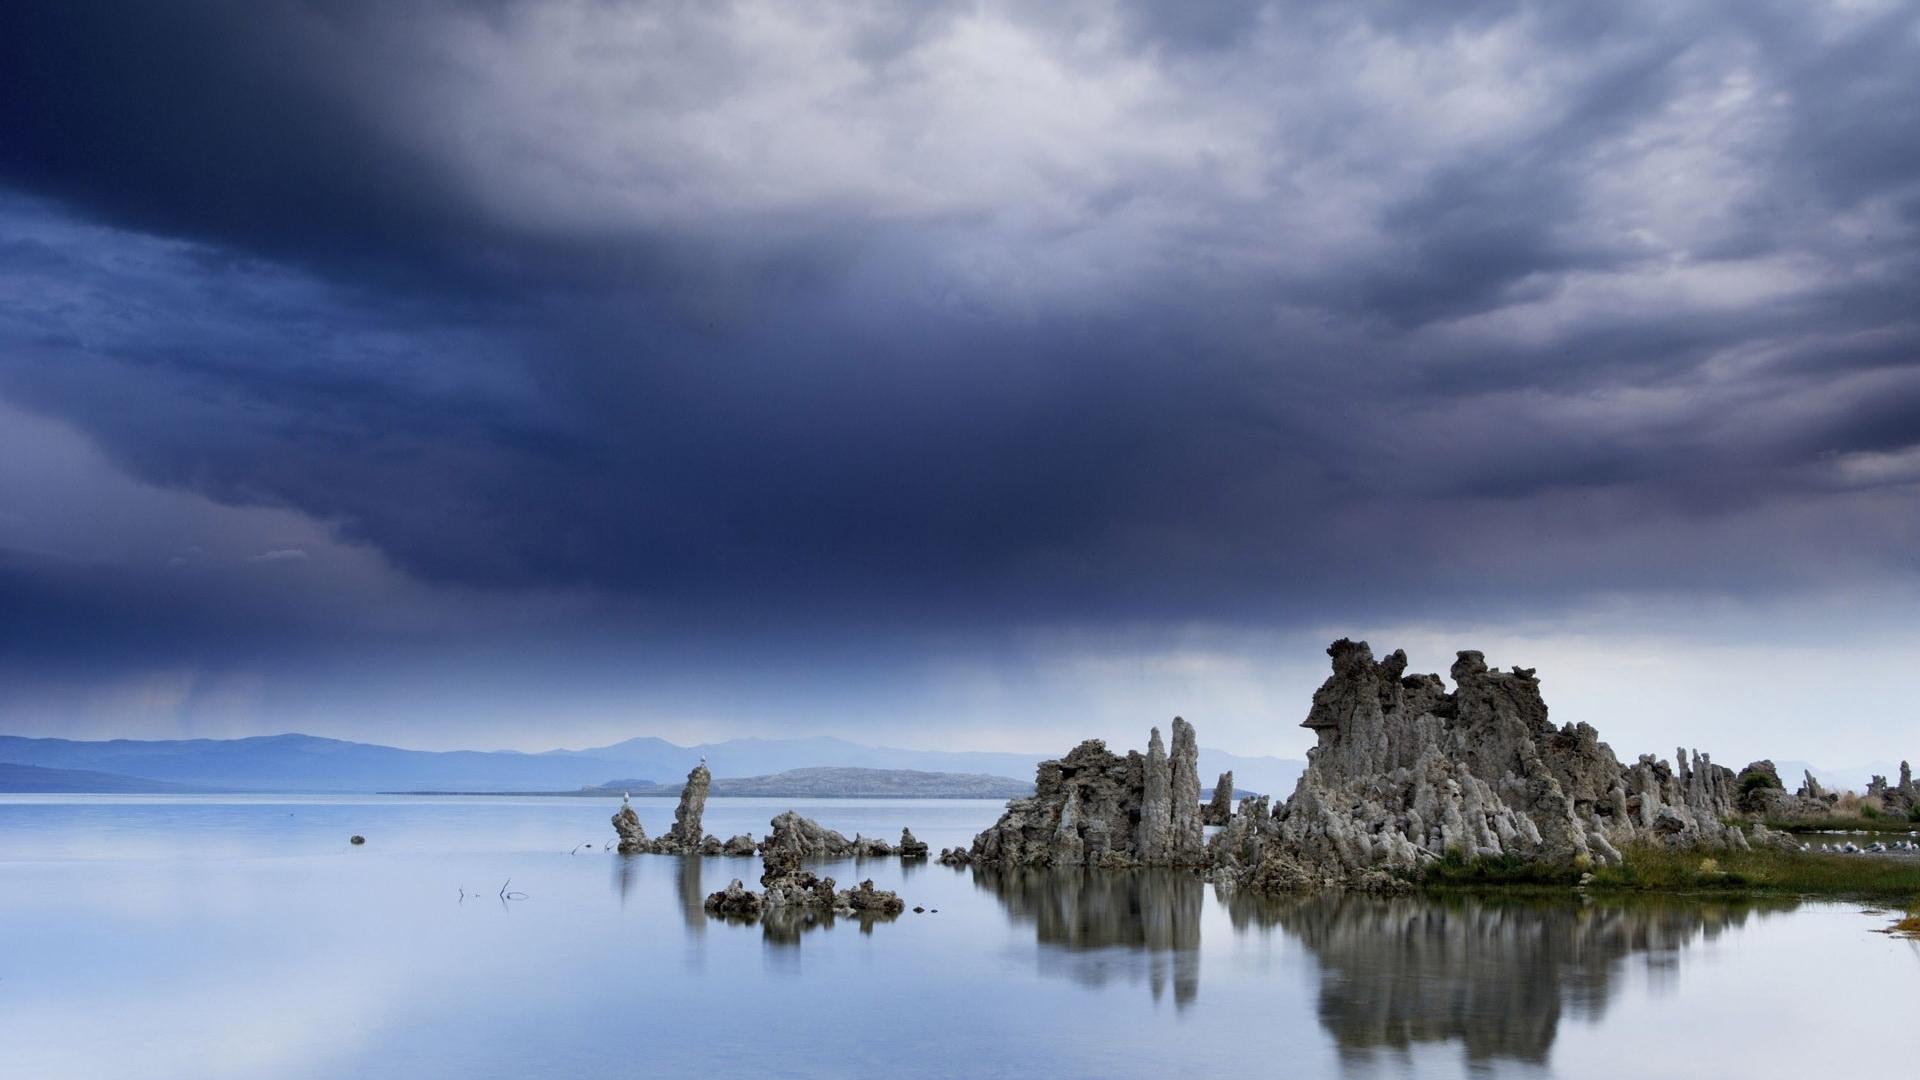 24529 скачать обои Пейзаж, Горы, Облака, Озера - заставки и картинки бесплатно